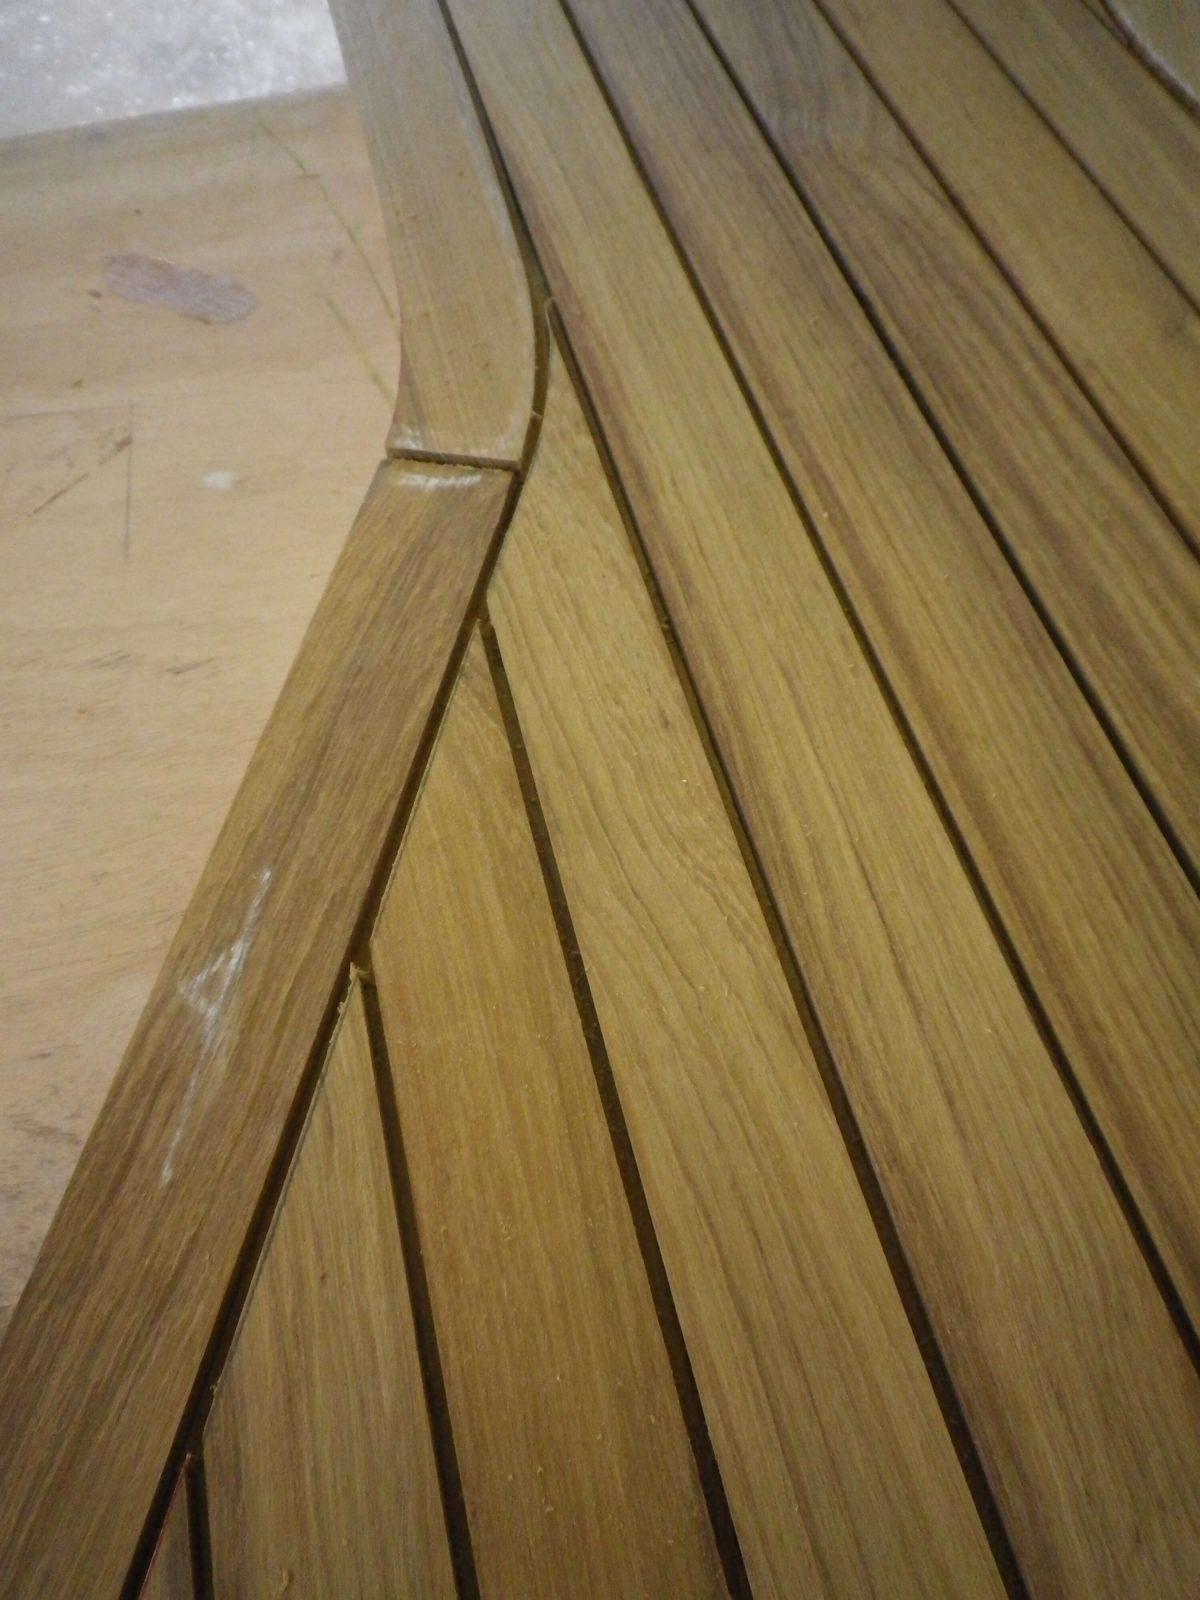 Teak decking panel detail